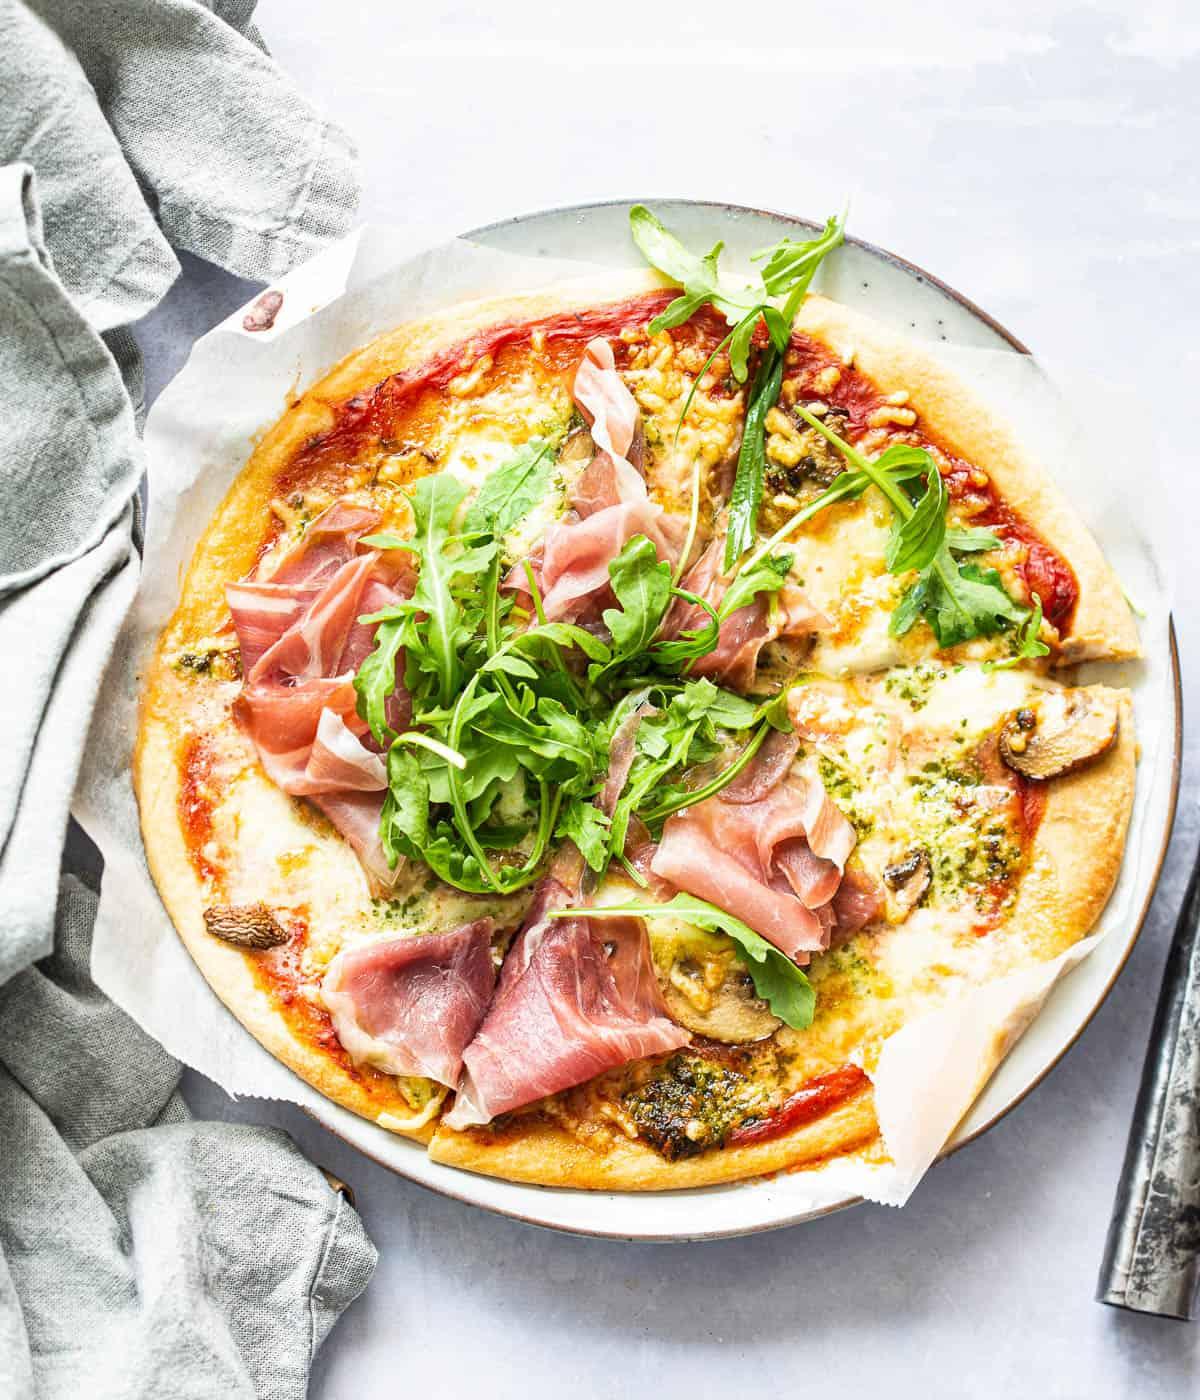 Airfryer pizza